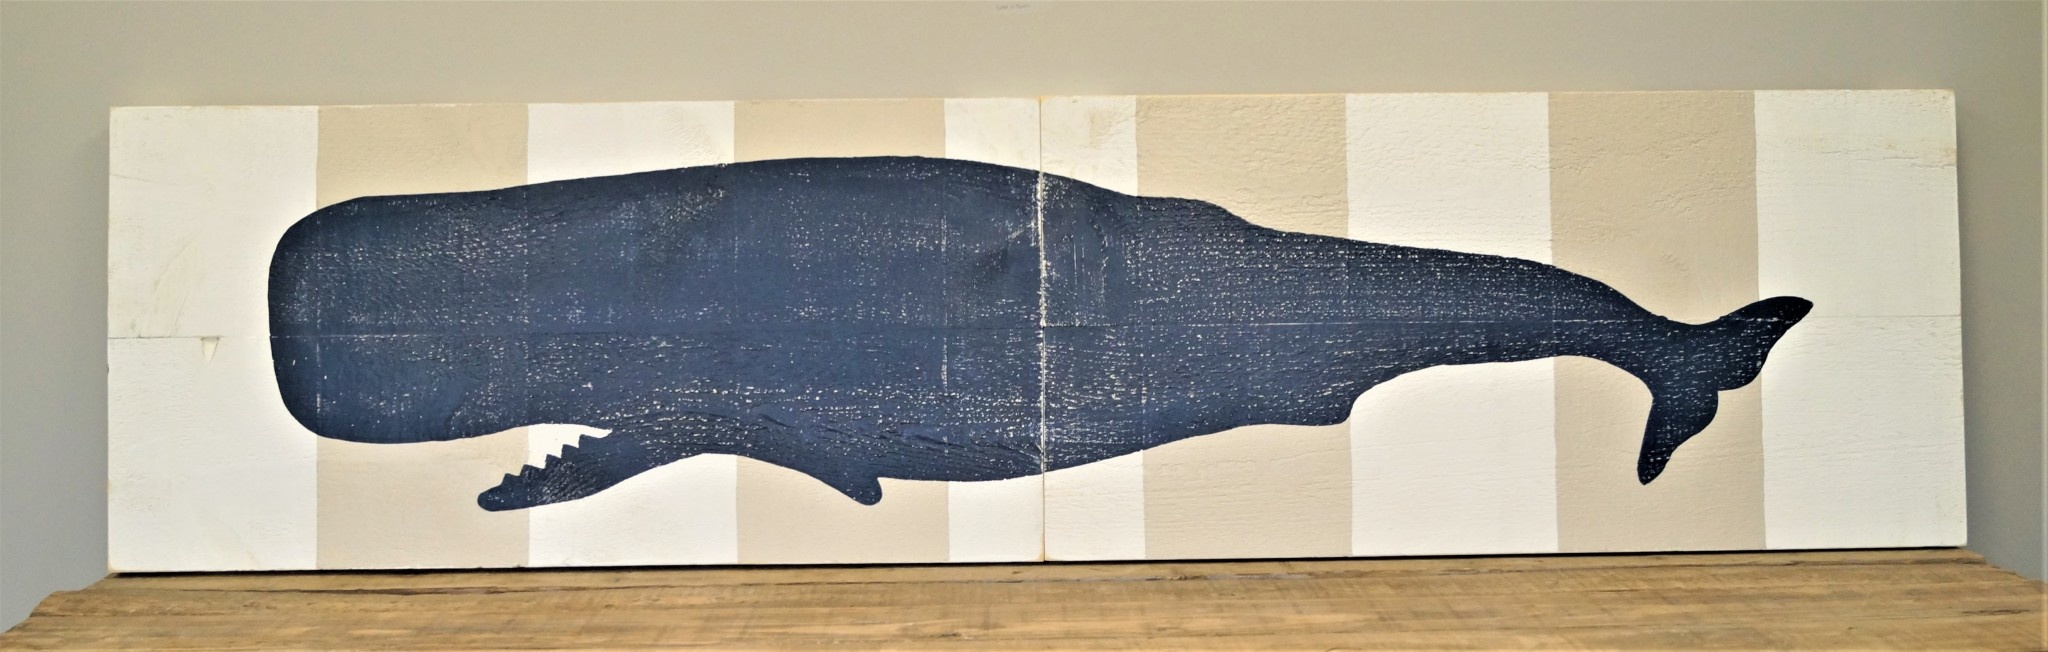 2x8 2 Panel Indigo Streamer Whale #2 White/WW Stripes